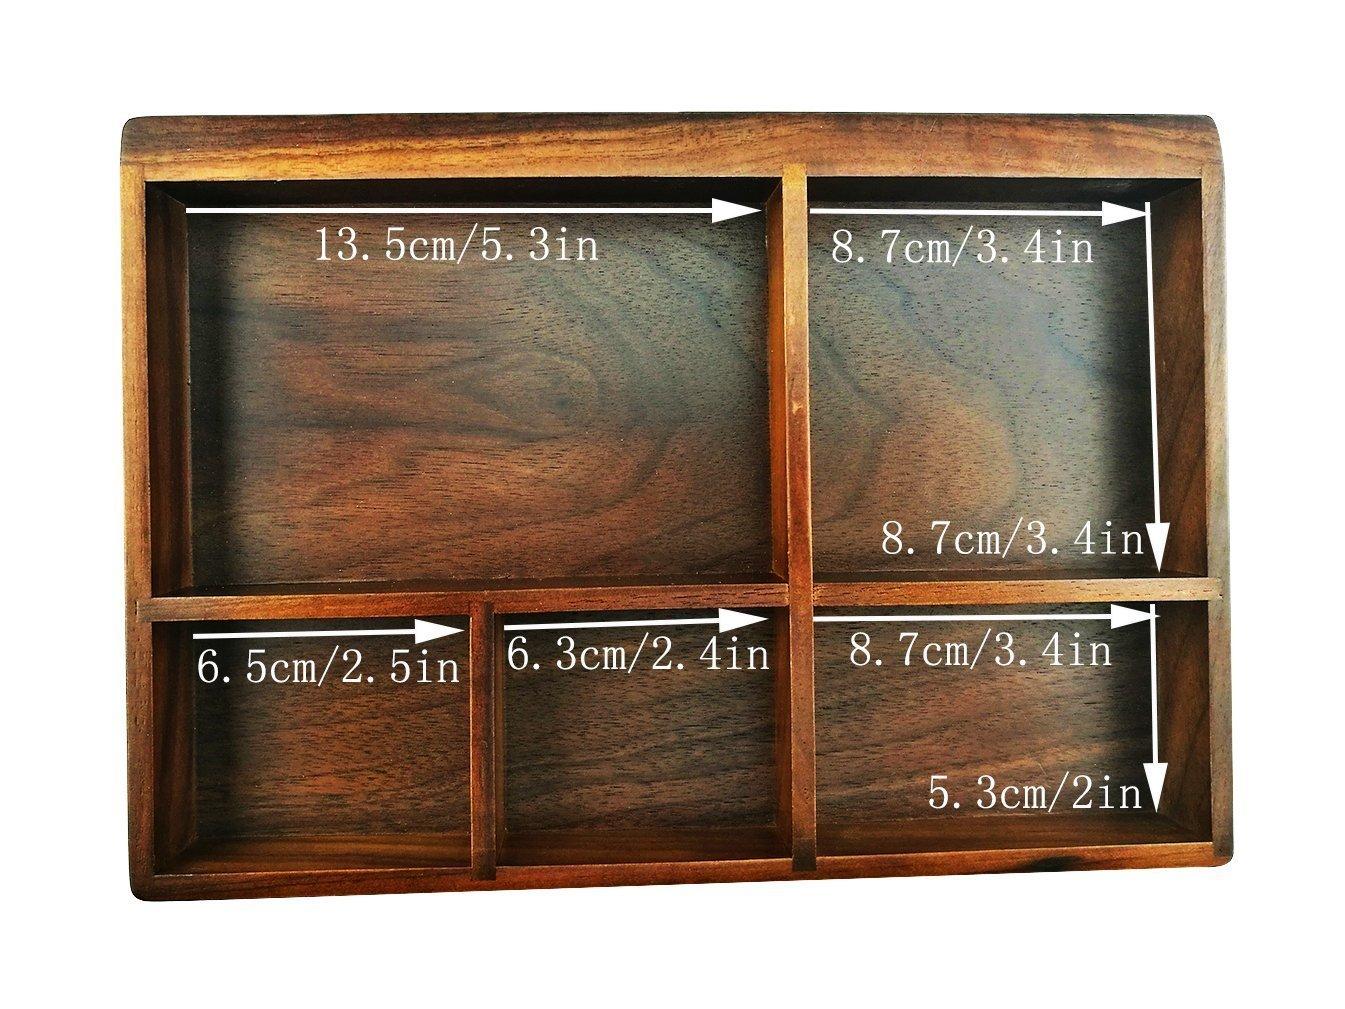 Winterworm Noce nero americano in legno vassoio organizzatore 5/scomparto organizer Jewelry Storage organizer da scrivania